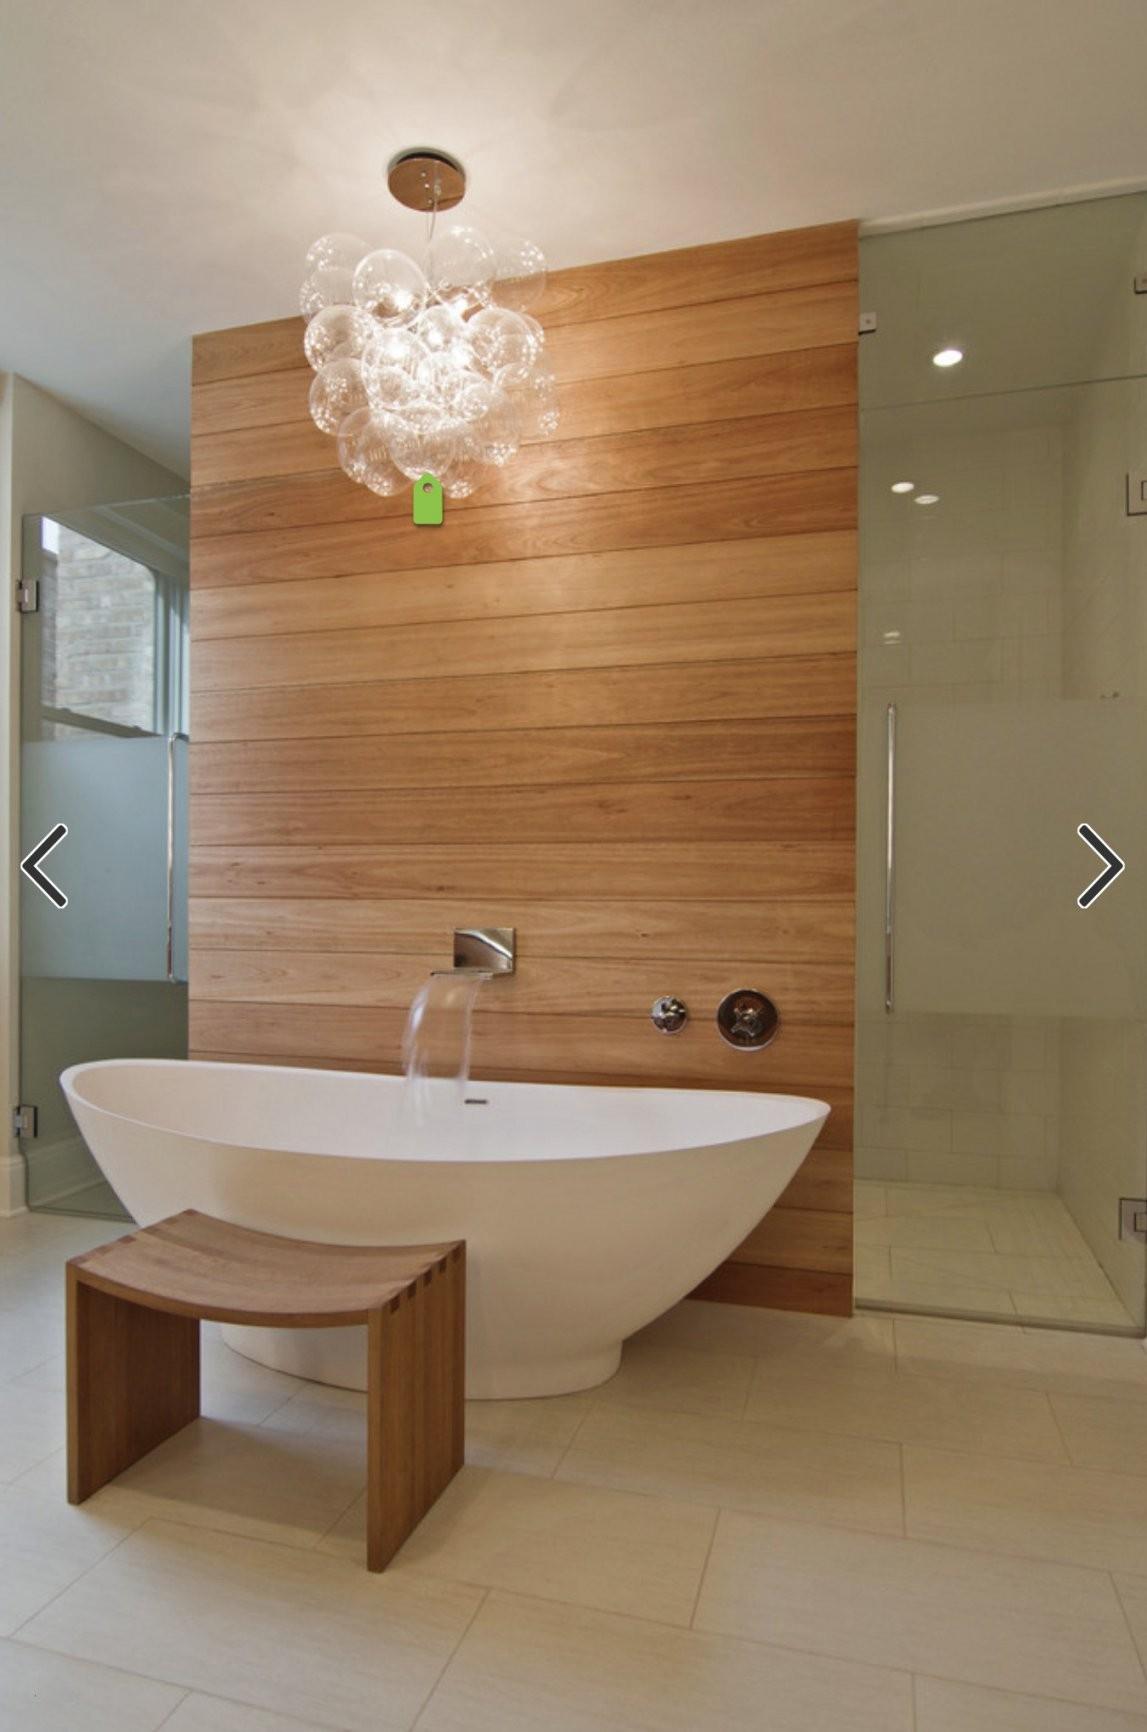 Ikea Badewanne Freistehend Mit Badezimmer Freistehende Badewanne von Ikea Badewanne Freistehend Bild